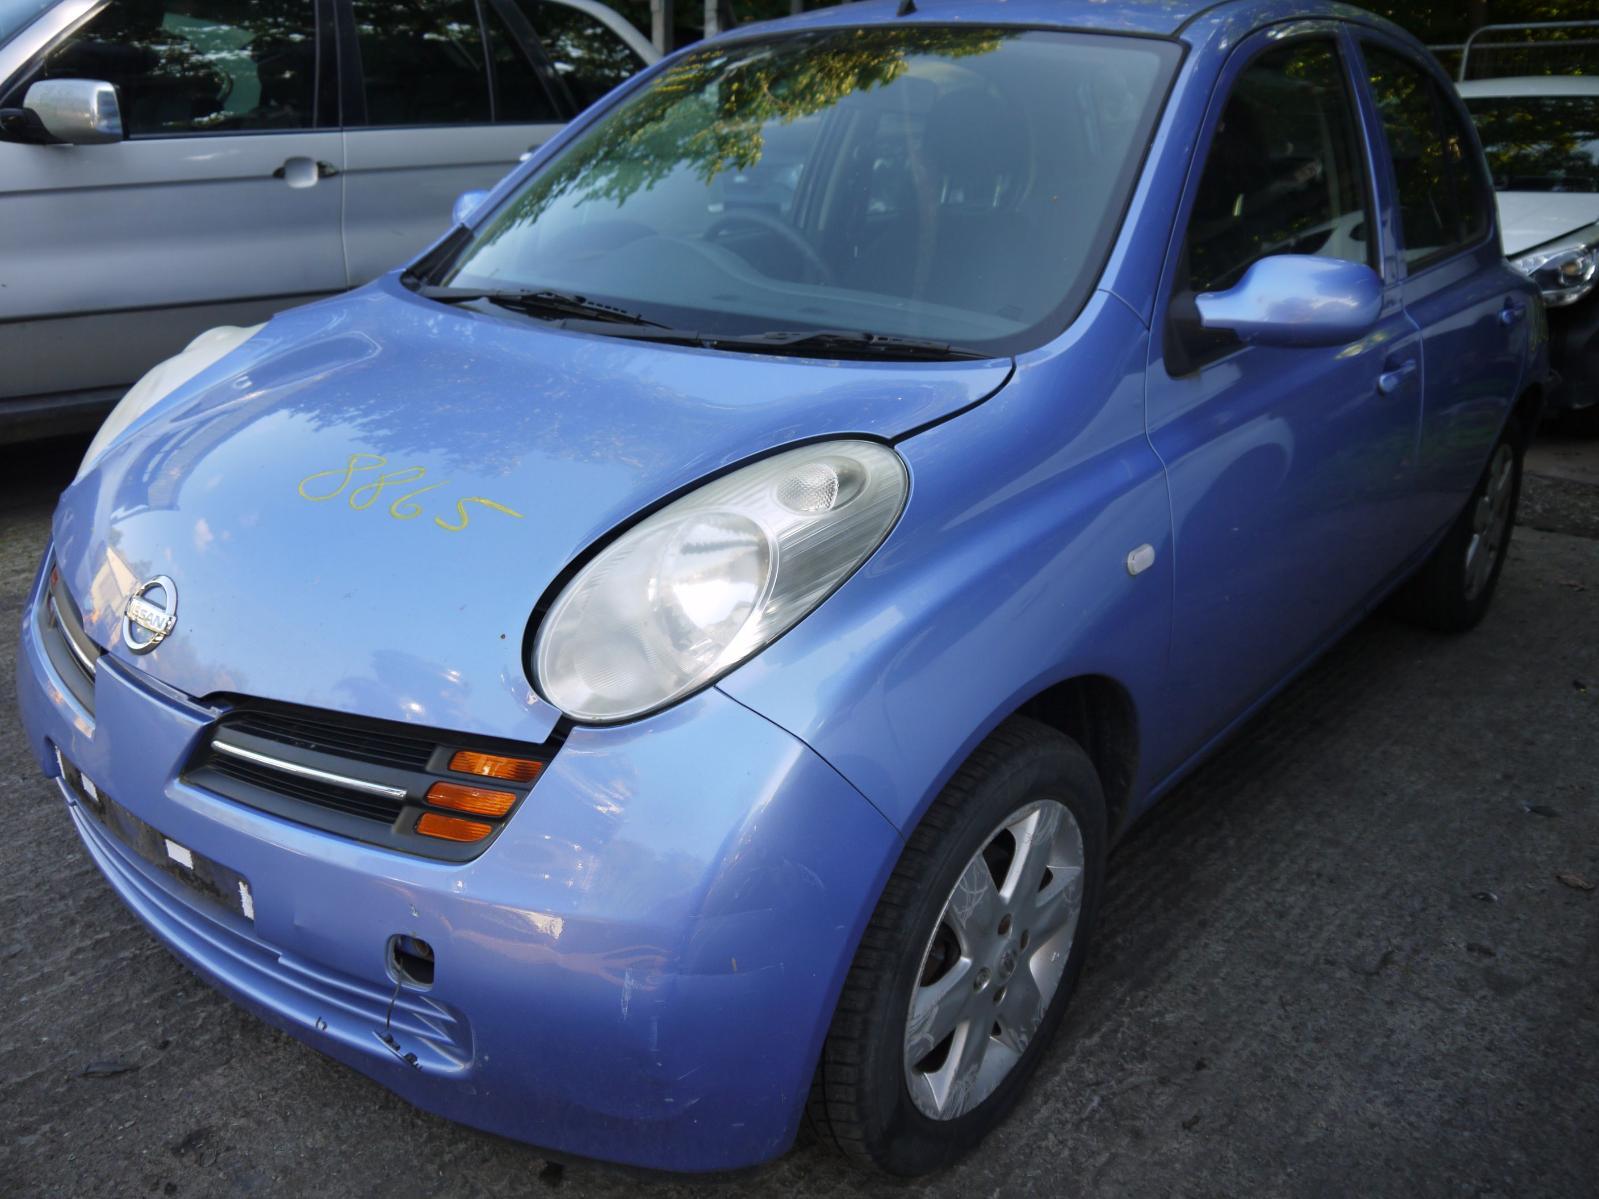 Image for a NISSAN MICRA 2004 5 Door Hatchback